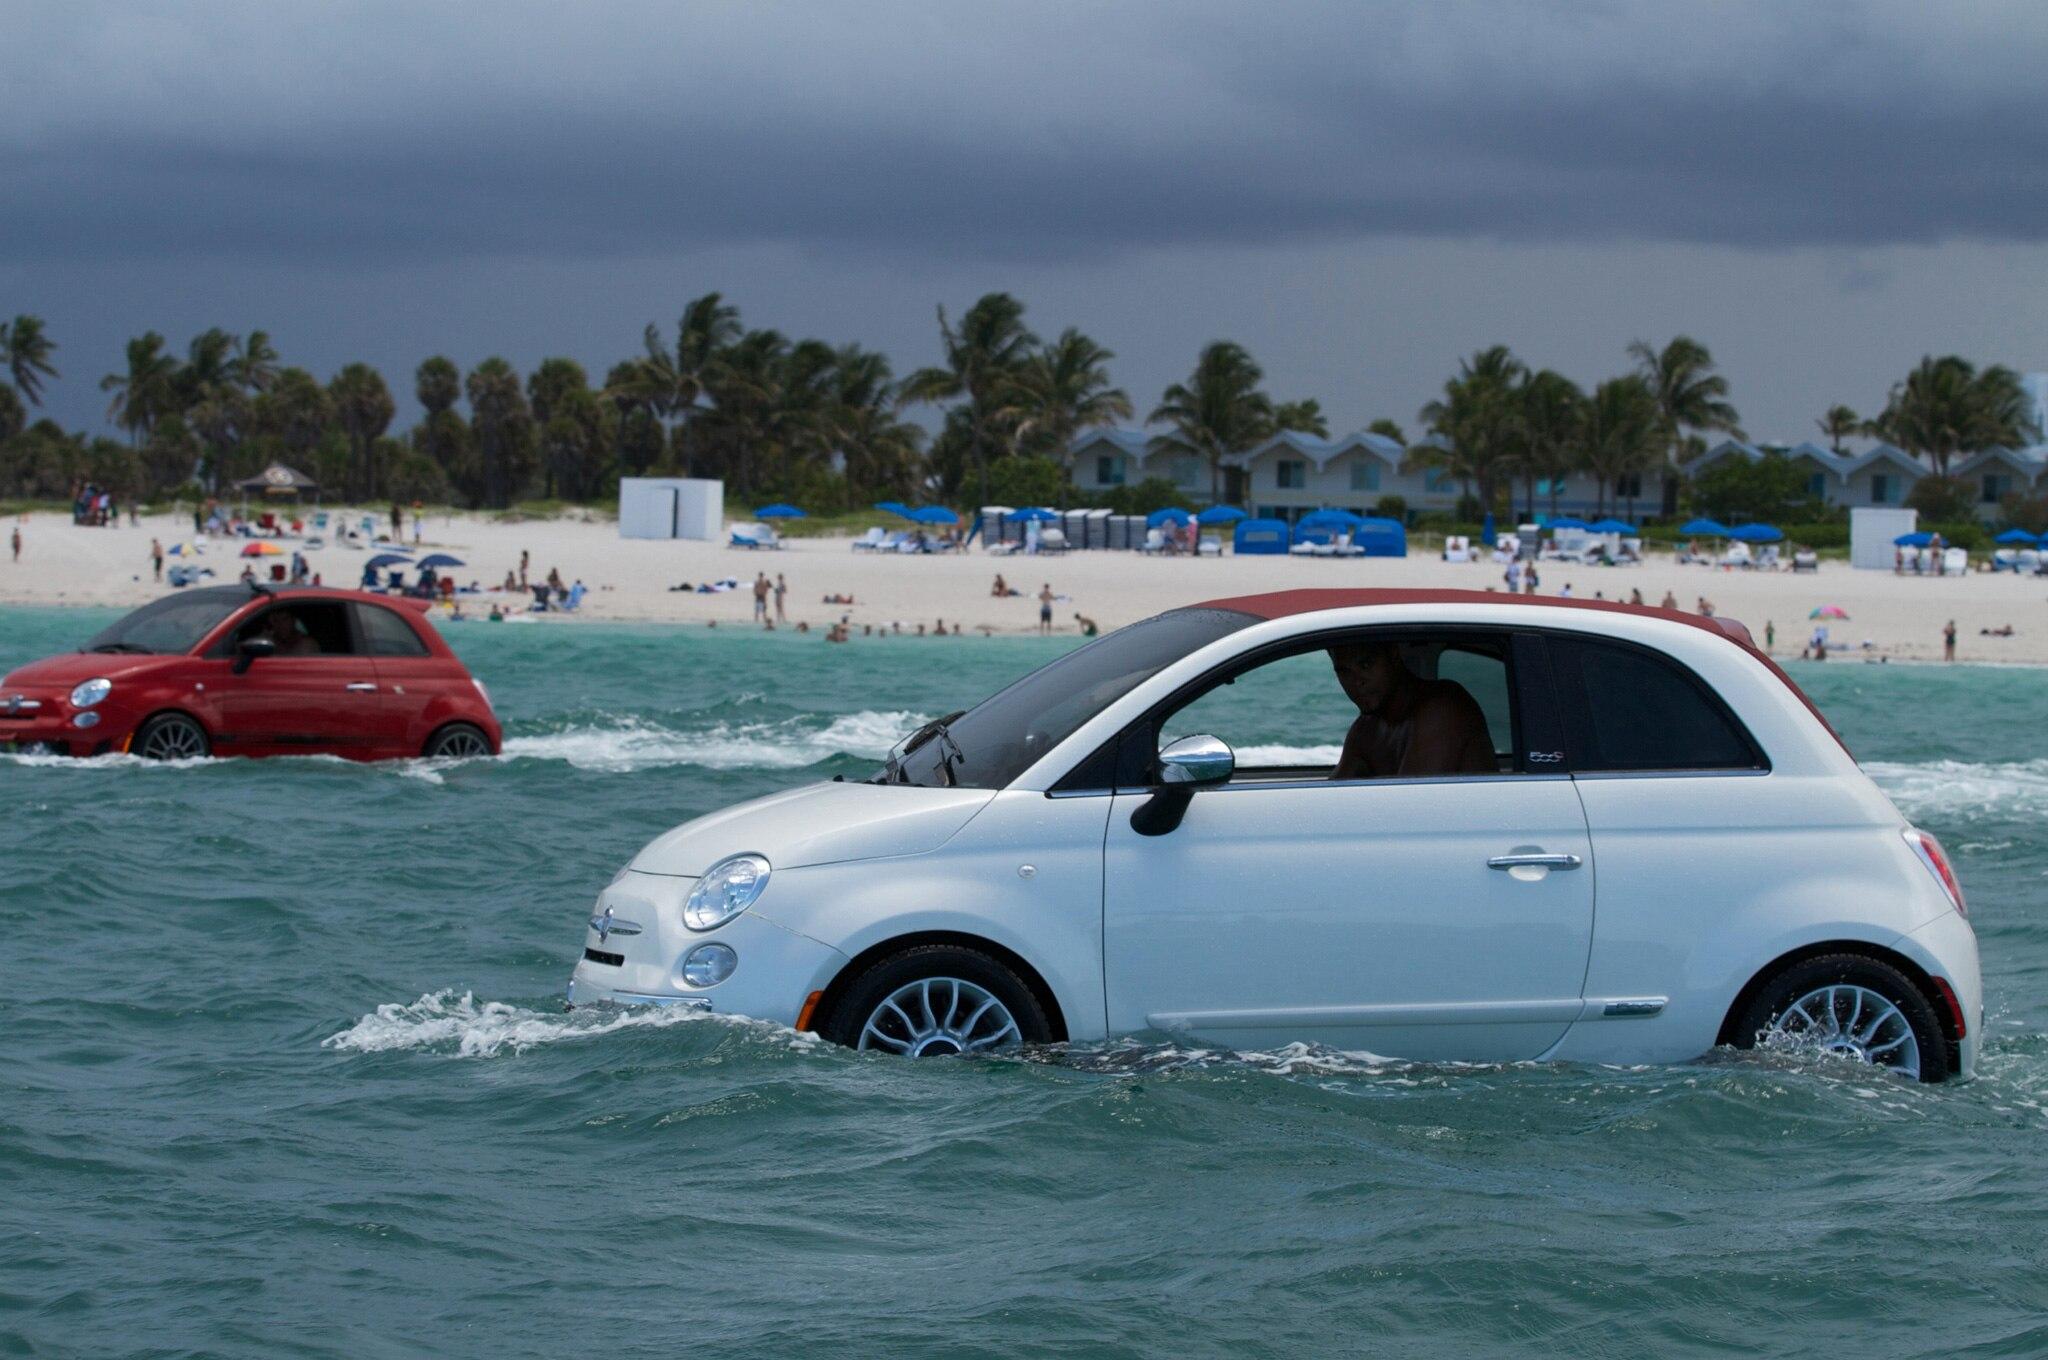 Fiat 500 Boats In Water 11